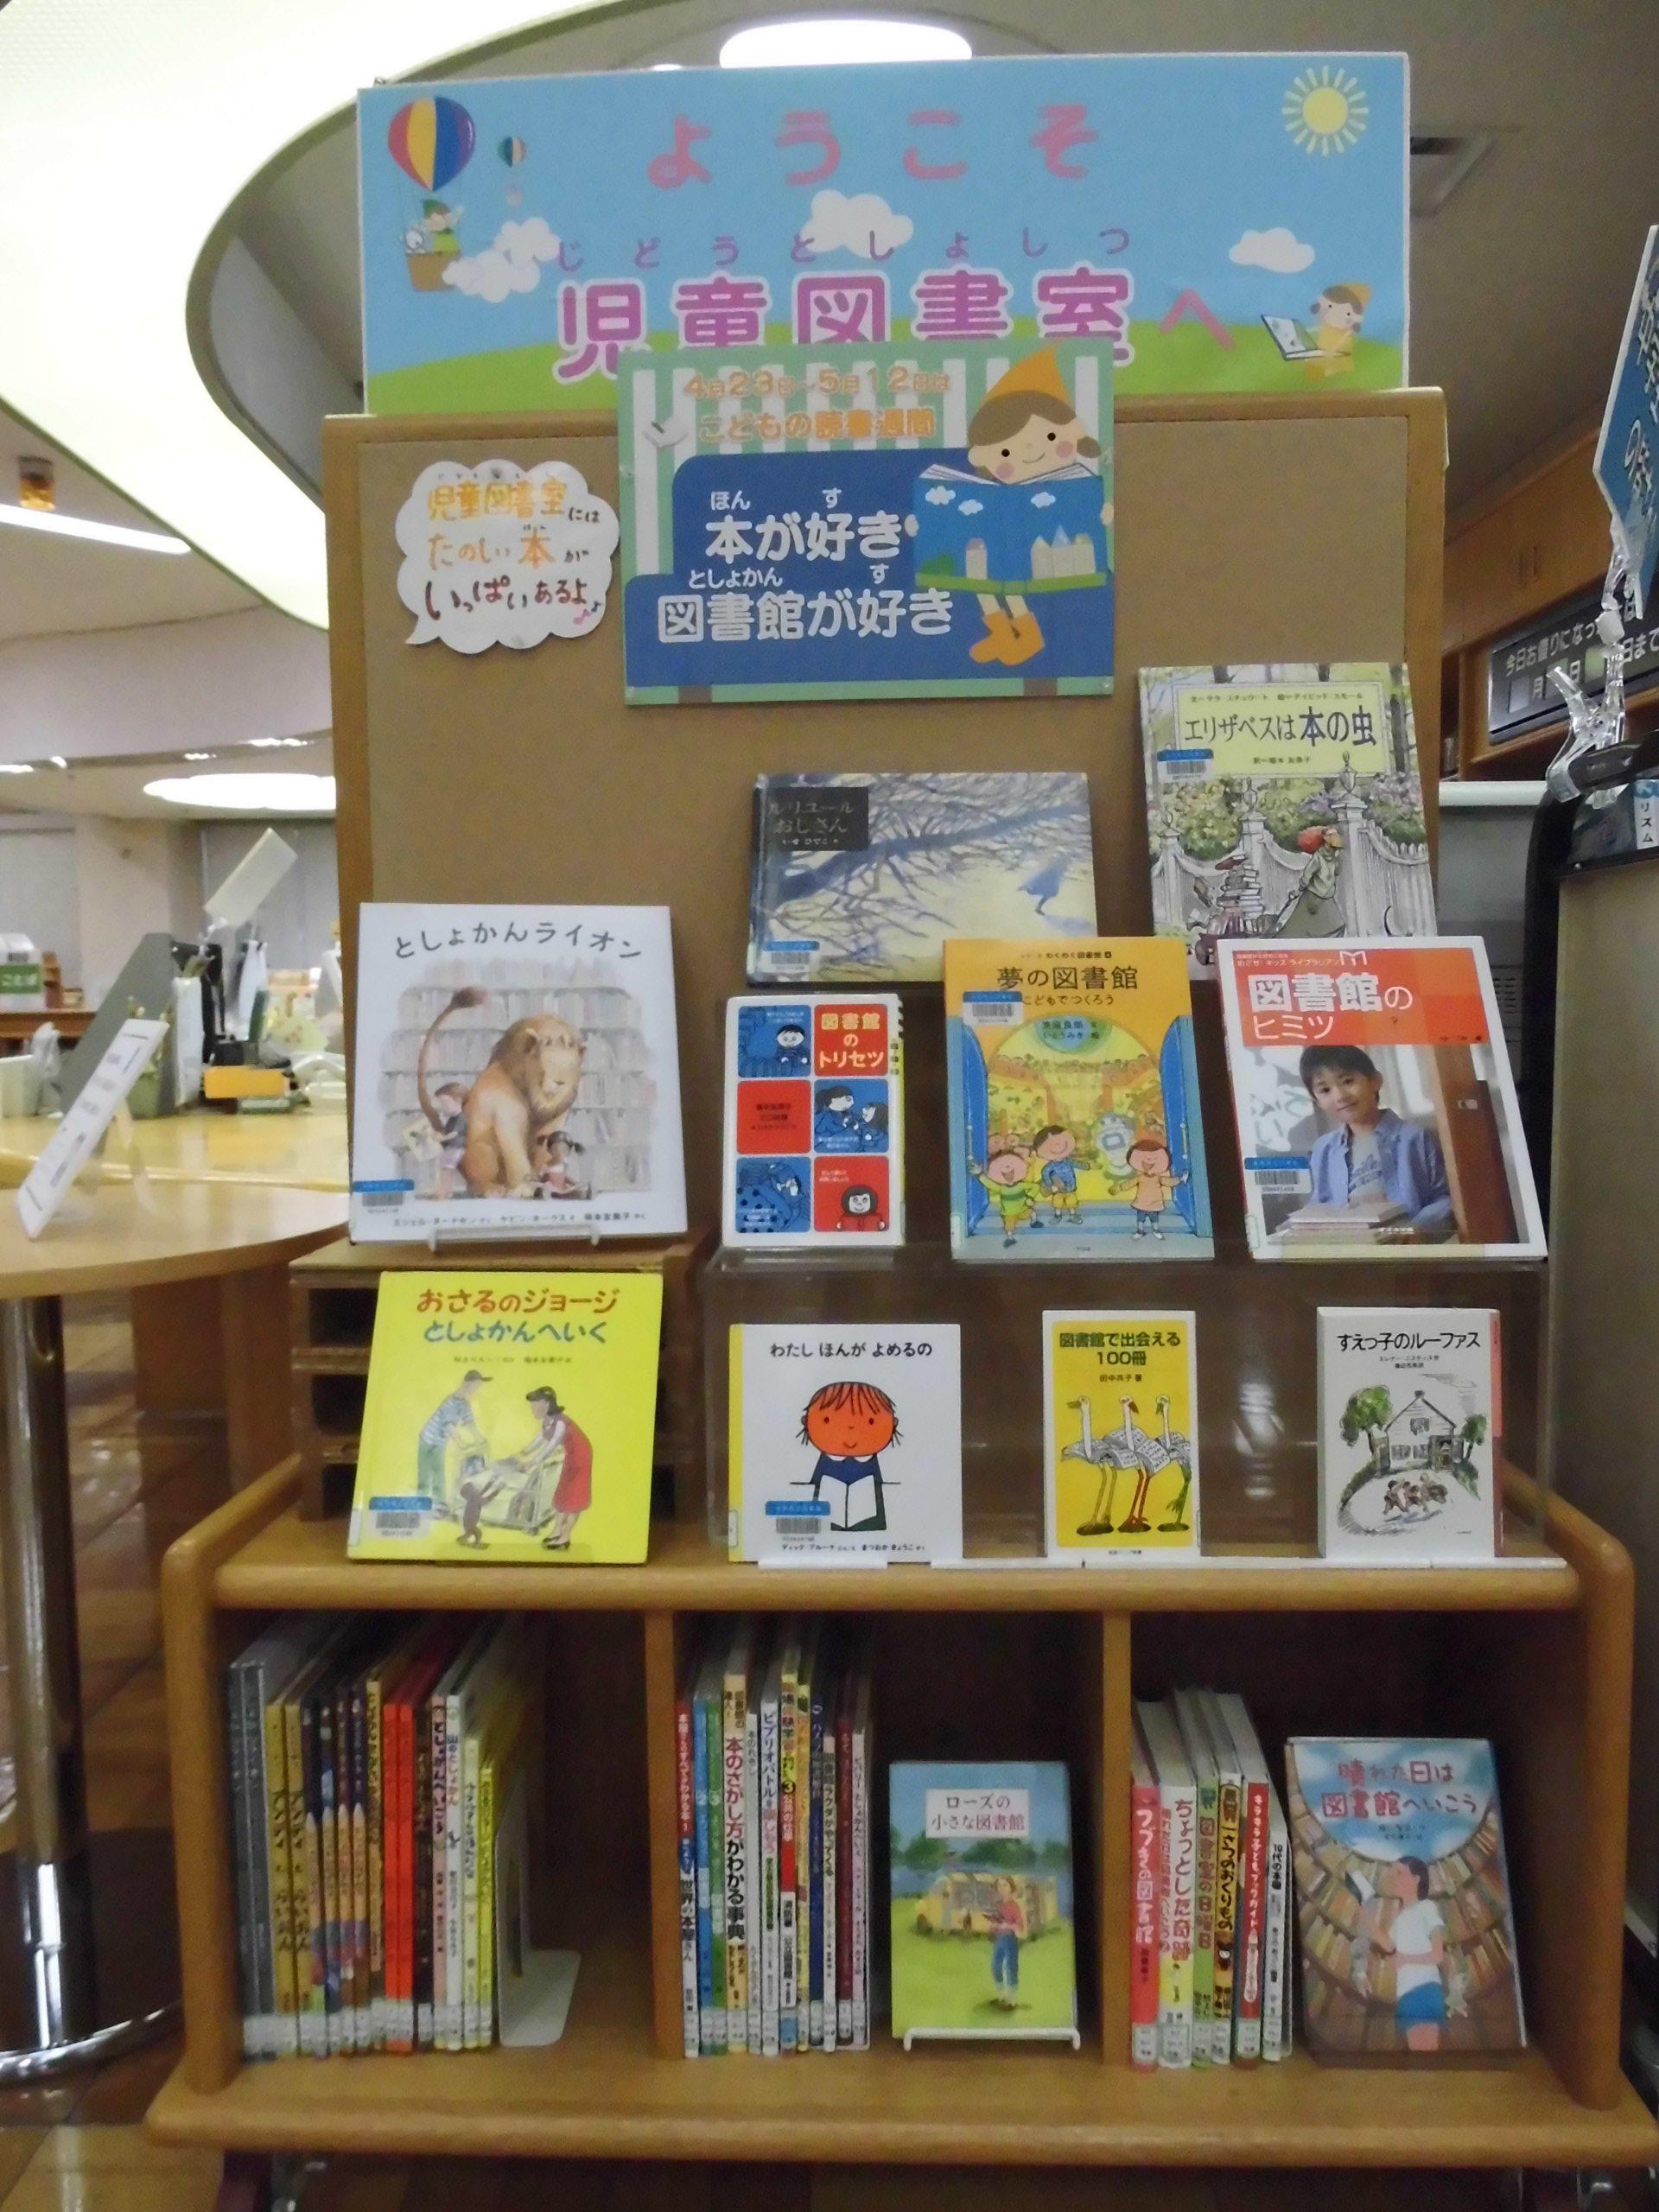 【企画展示・児童】本が好き 図書館が好き ~4月23日から5月12日はこどもの読書週間~(平成30年4月13日から5月9日まで)